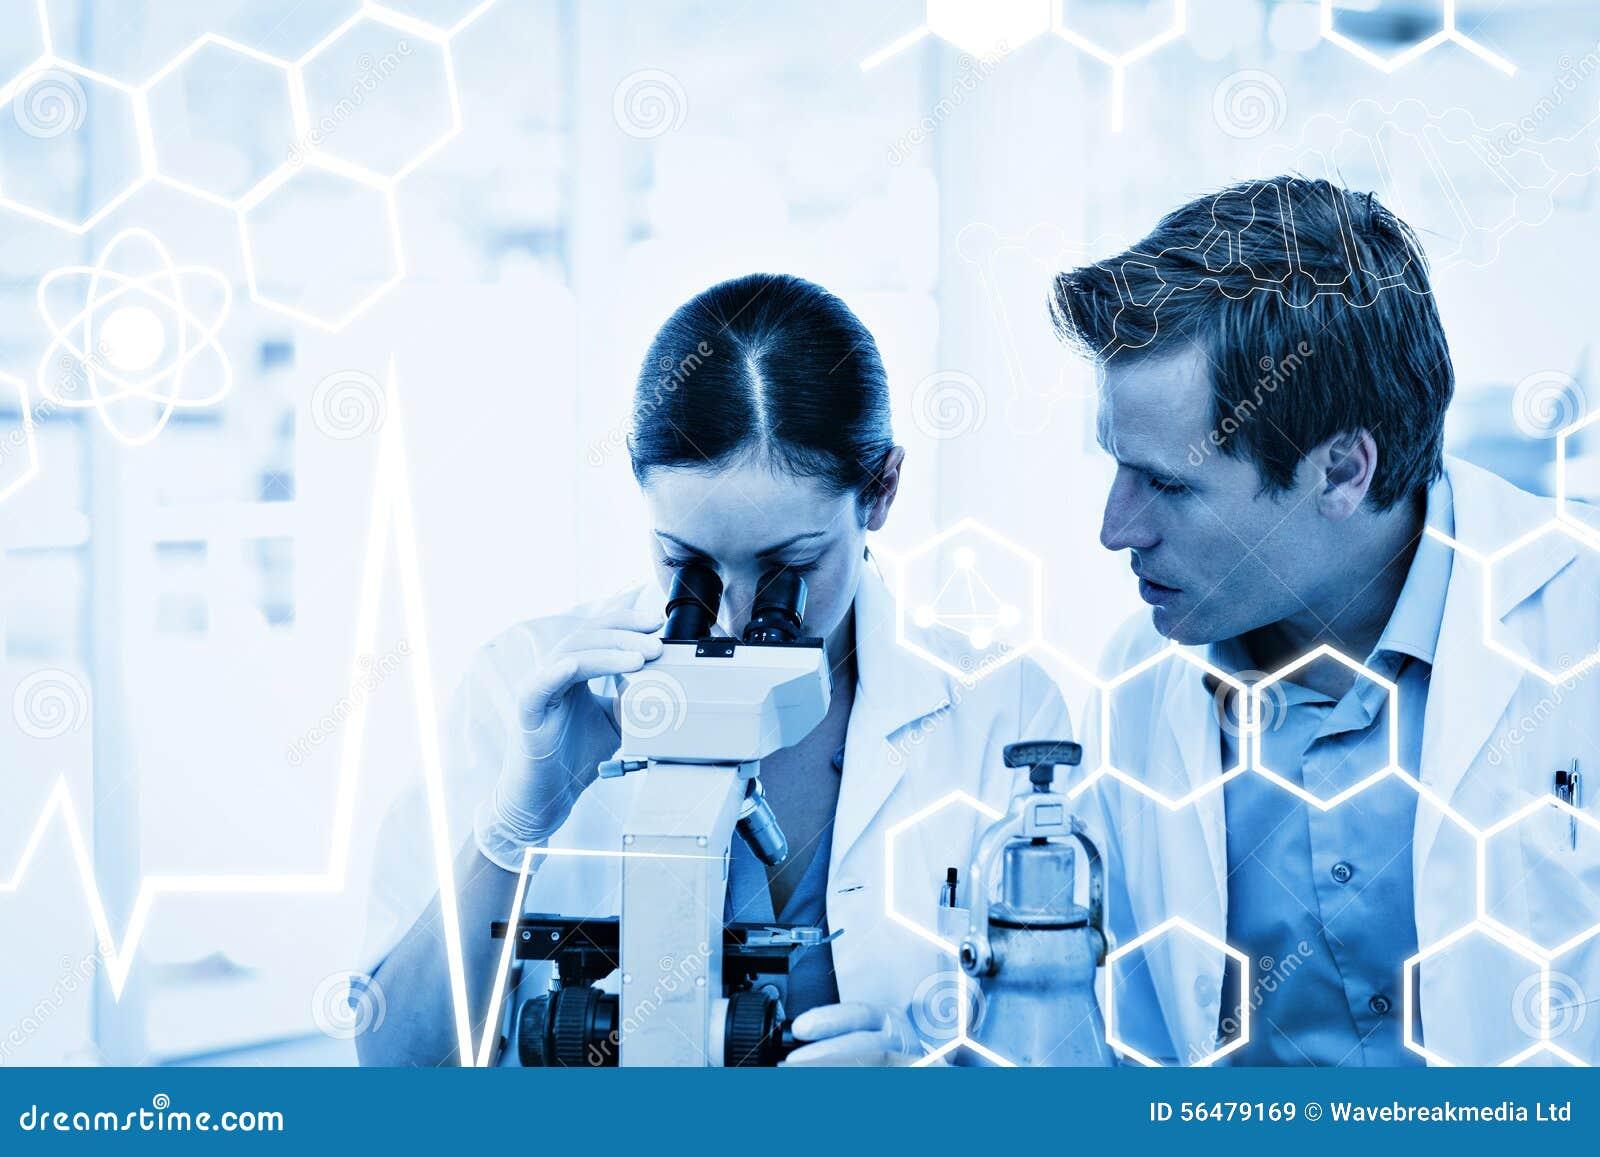 Σύνθετη εικόνα της επιστήμης γραφική